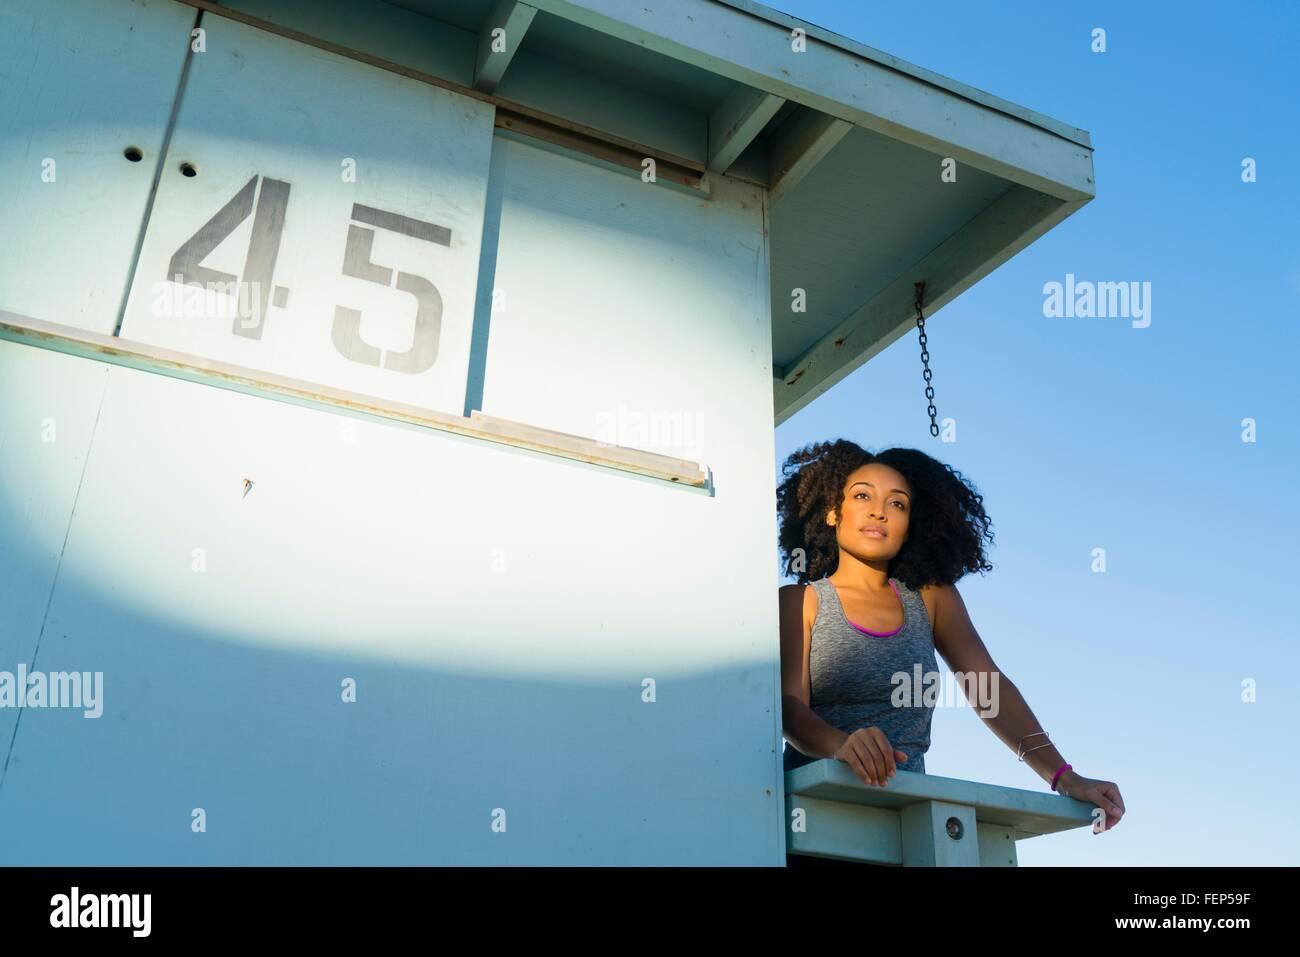 Metà donna adulta in piedi sul look out torre in spiaggia, guardando a vista Immagini Stock